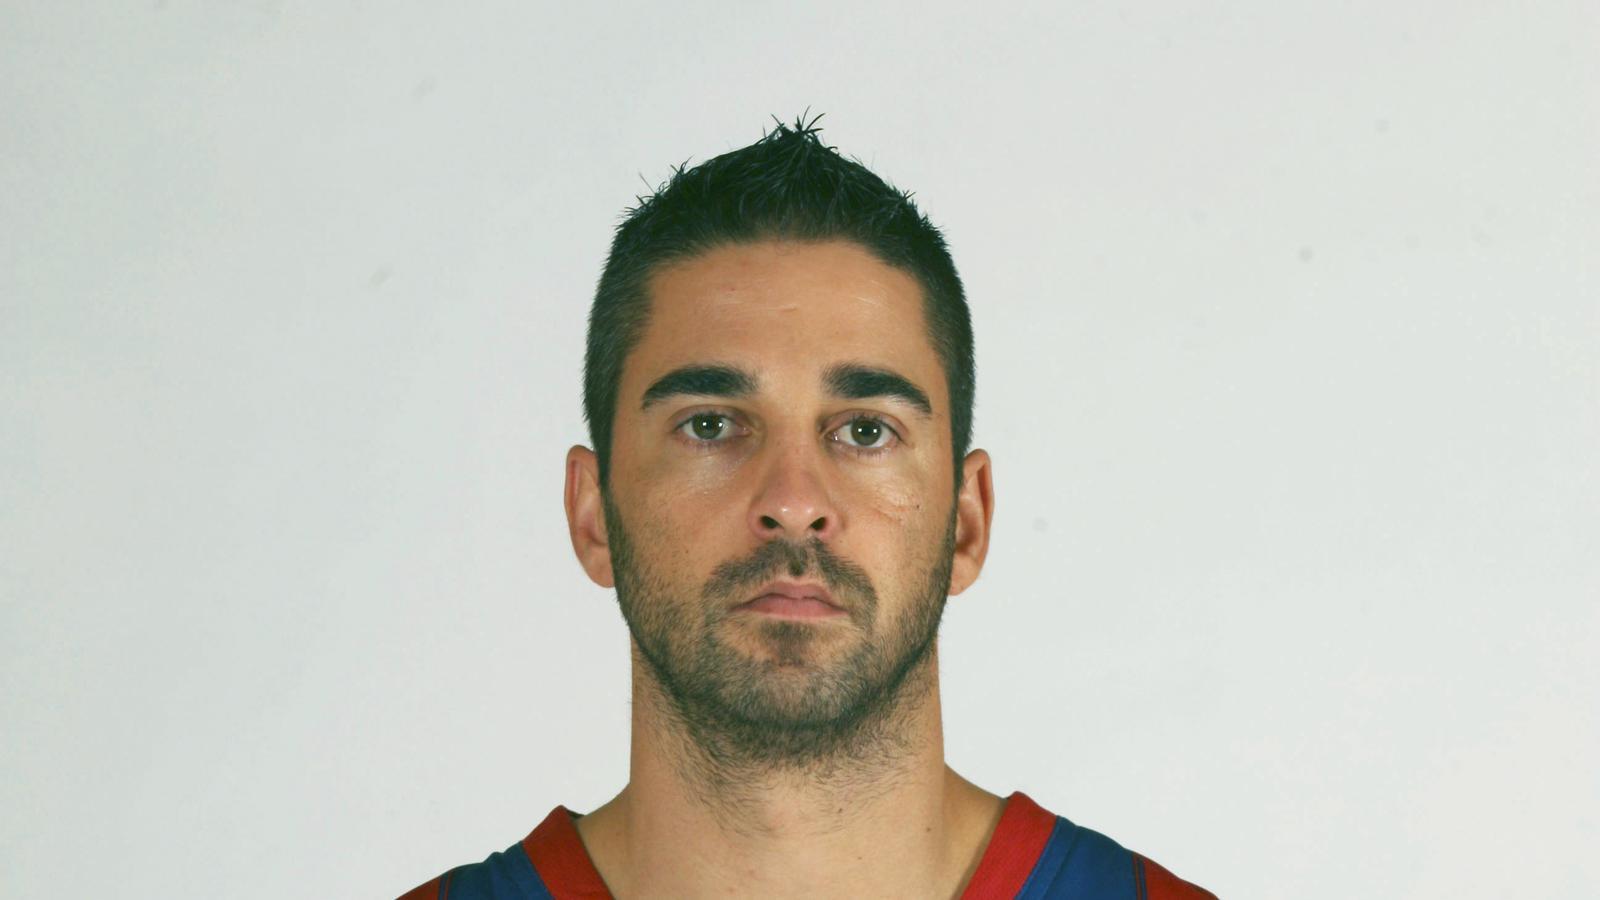 ¿Cuánto mide Juan Carlos Navarro? - Altura Juan-Carlos-Navarro-Regal-Barca_381572023_454529_1000x1500